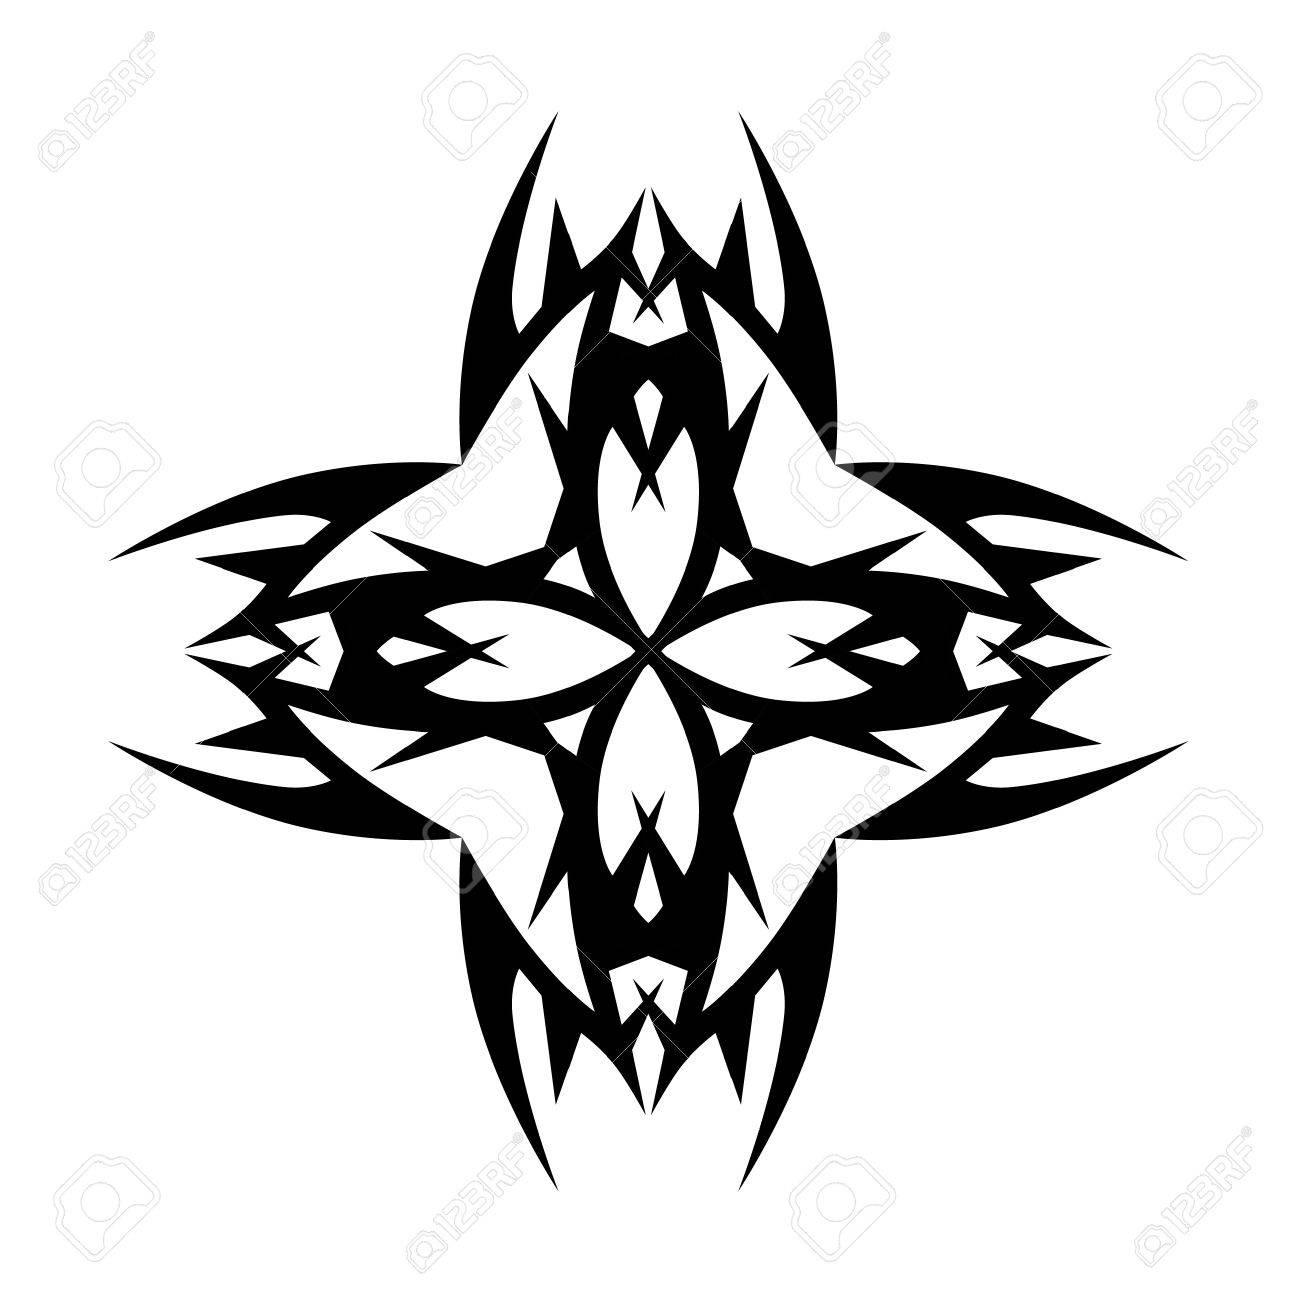 1300x1300 Tattoo Tribal Cross Designs. Vector Sketch Of A Tattoo. Art Tribal